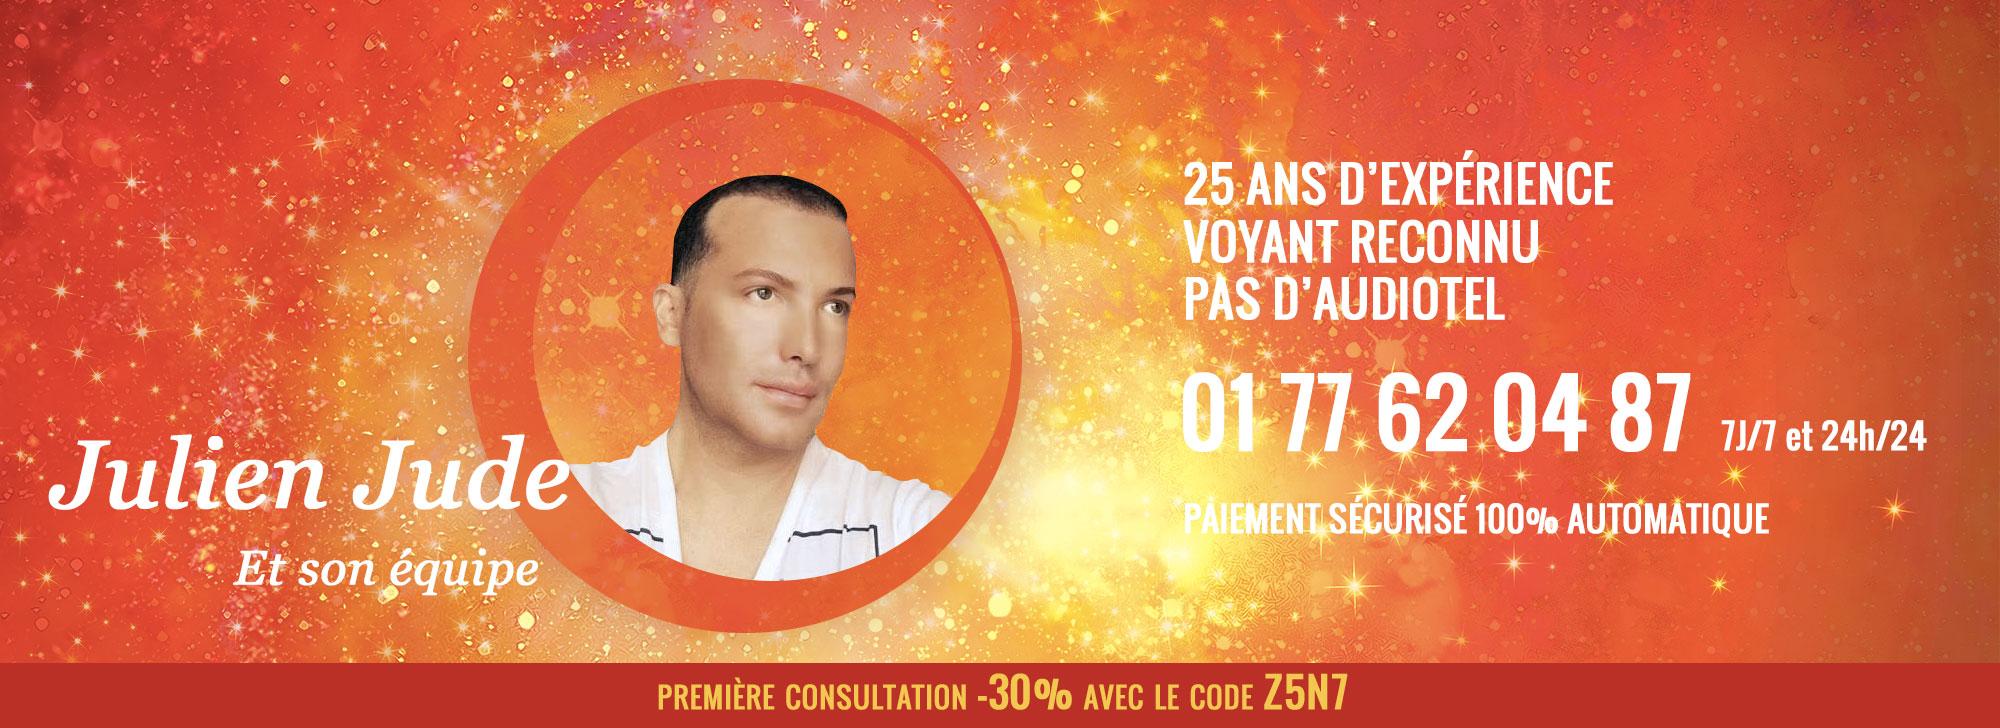 Julien Jude Voyance pro